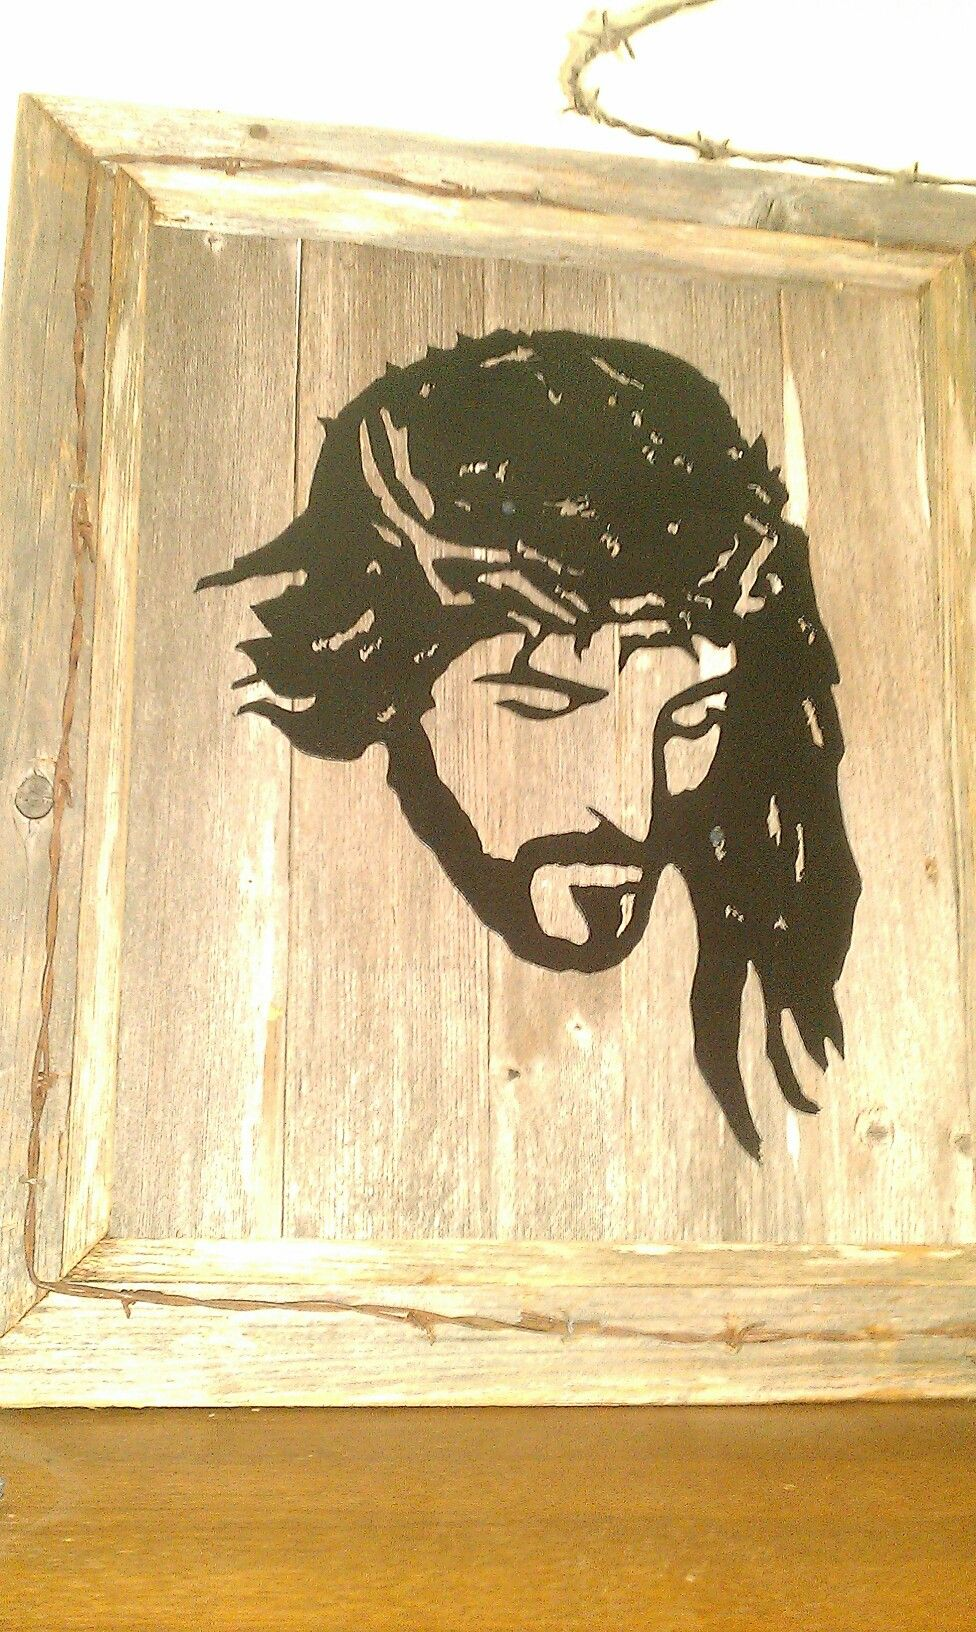 Jesus metal silhouette rustic wood frame pic frame   my metal art ...